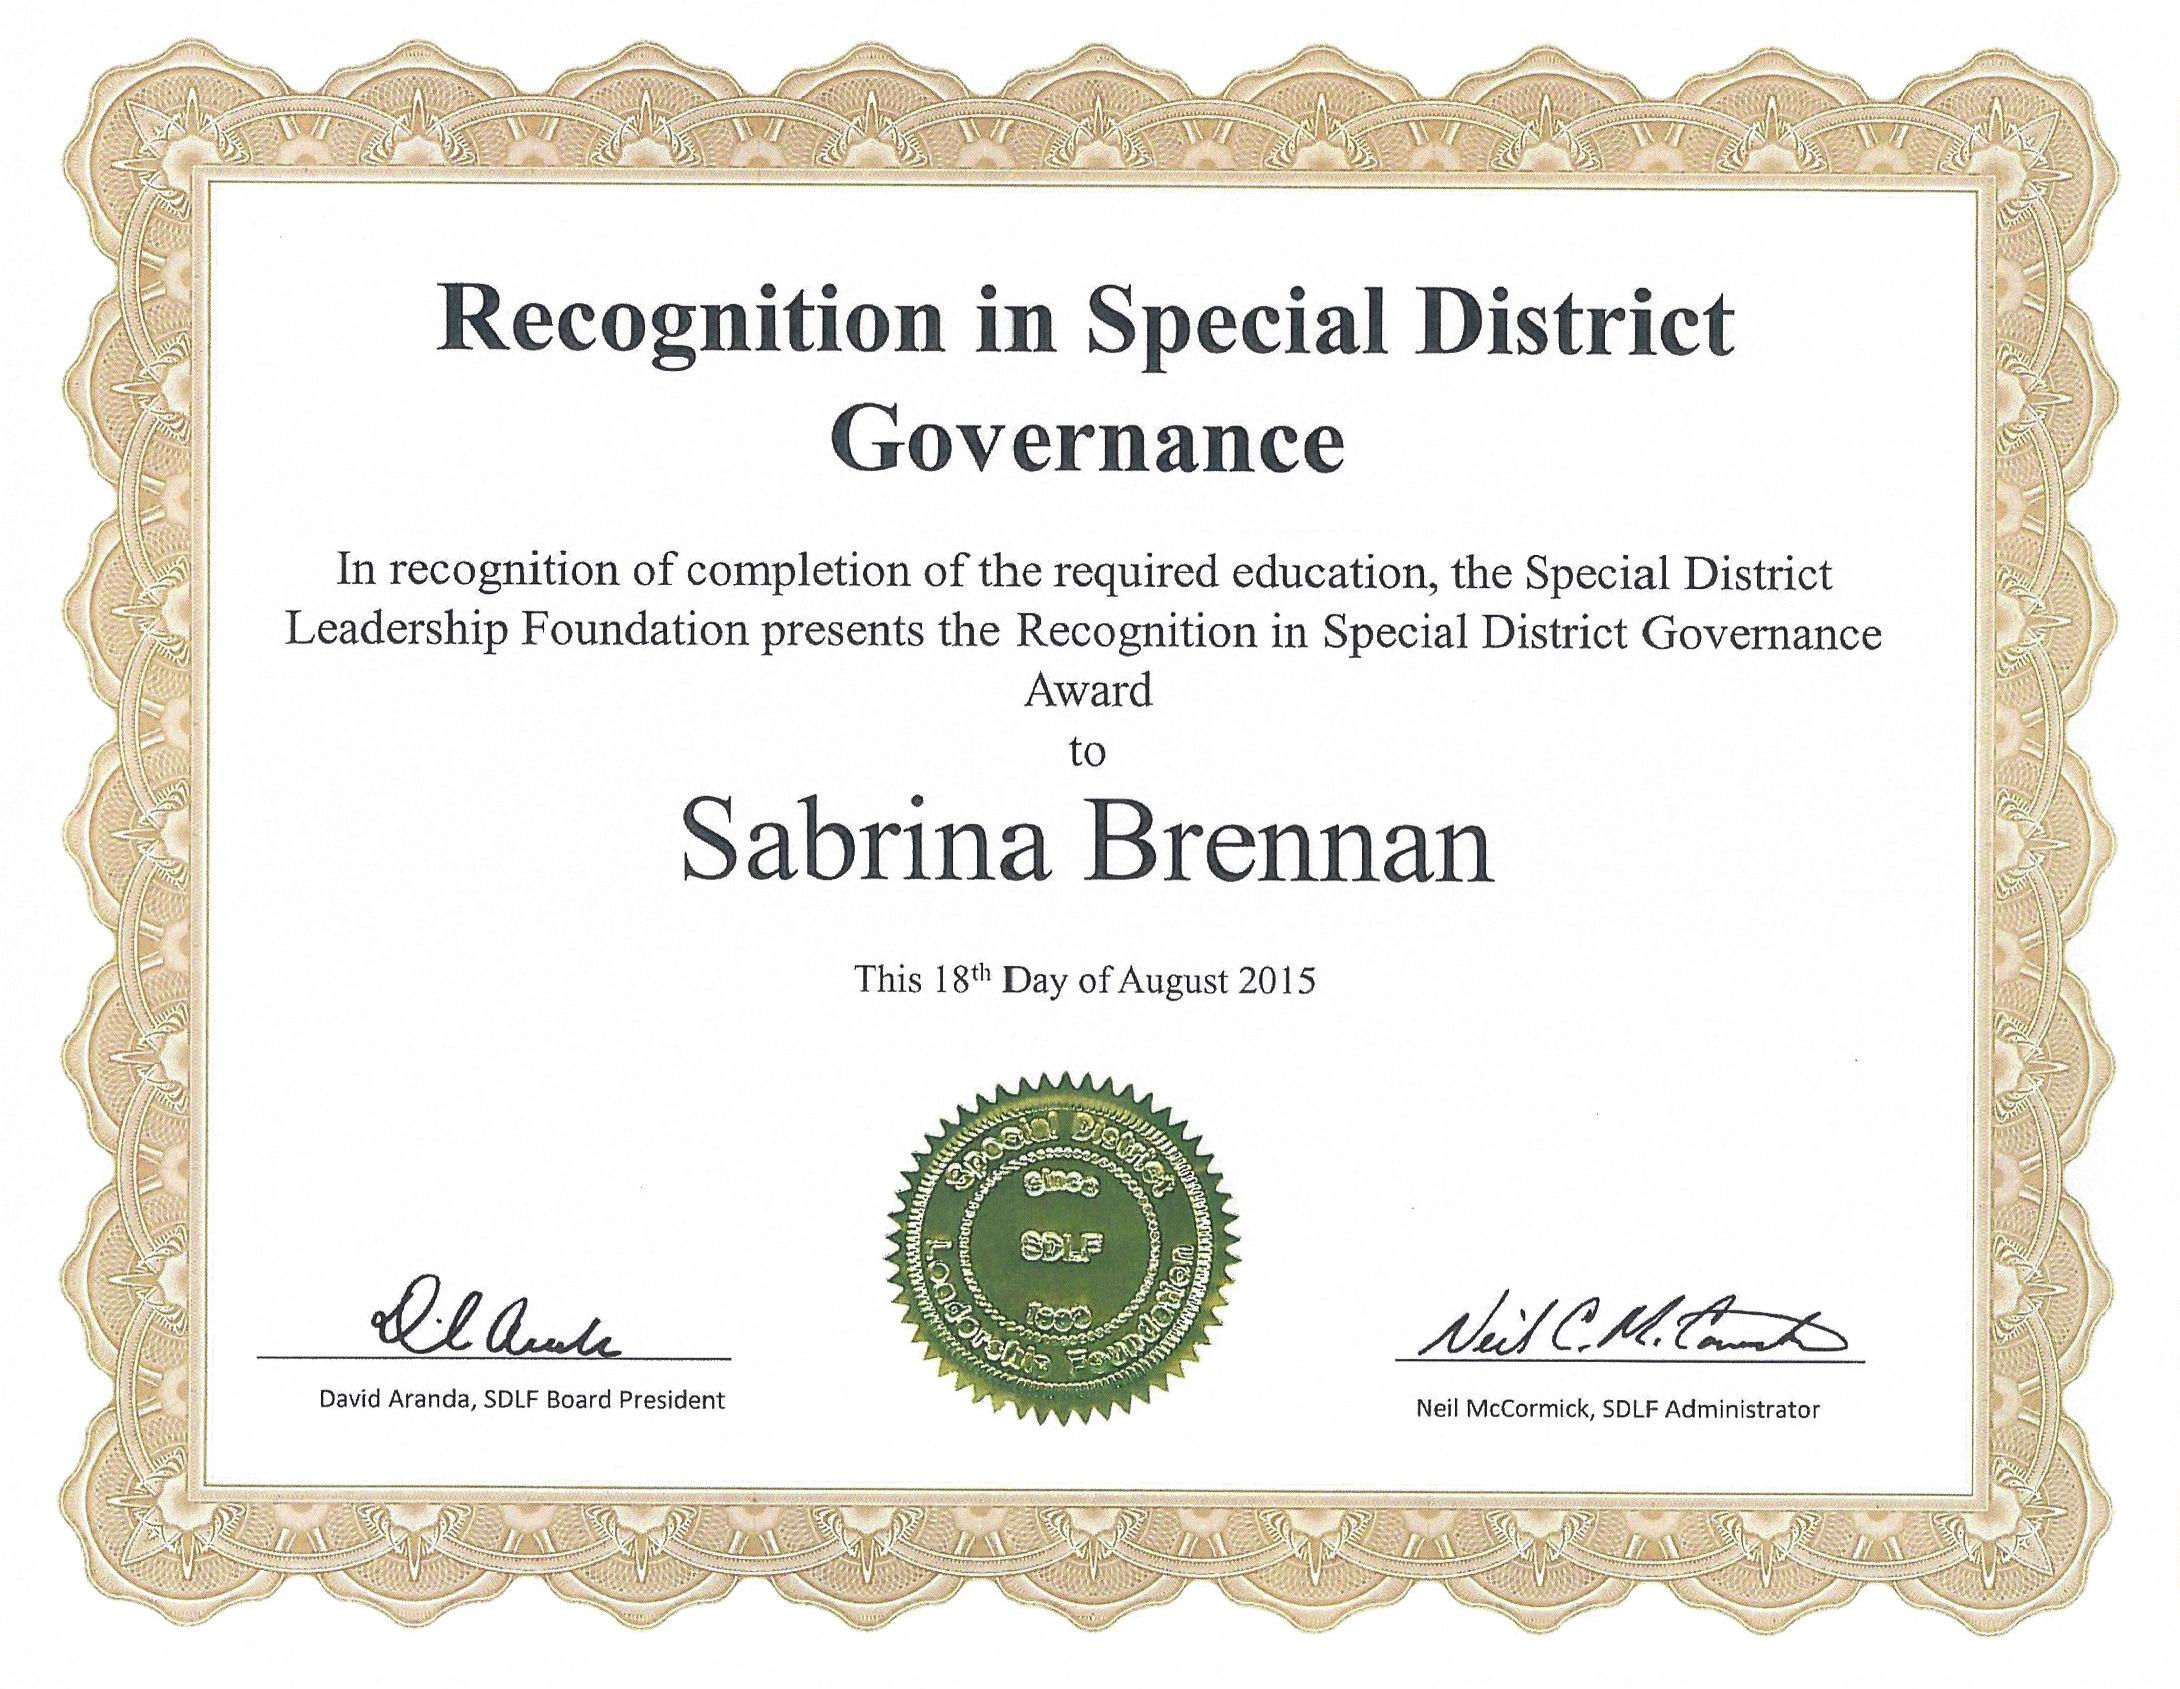 Sabrina Brennan Governance Award